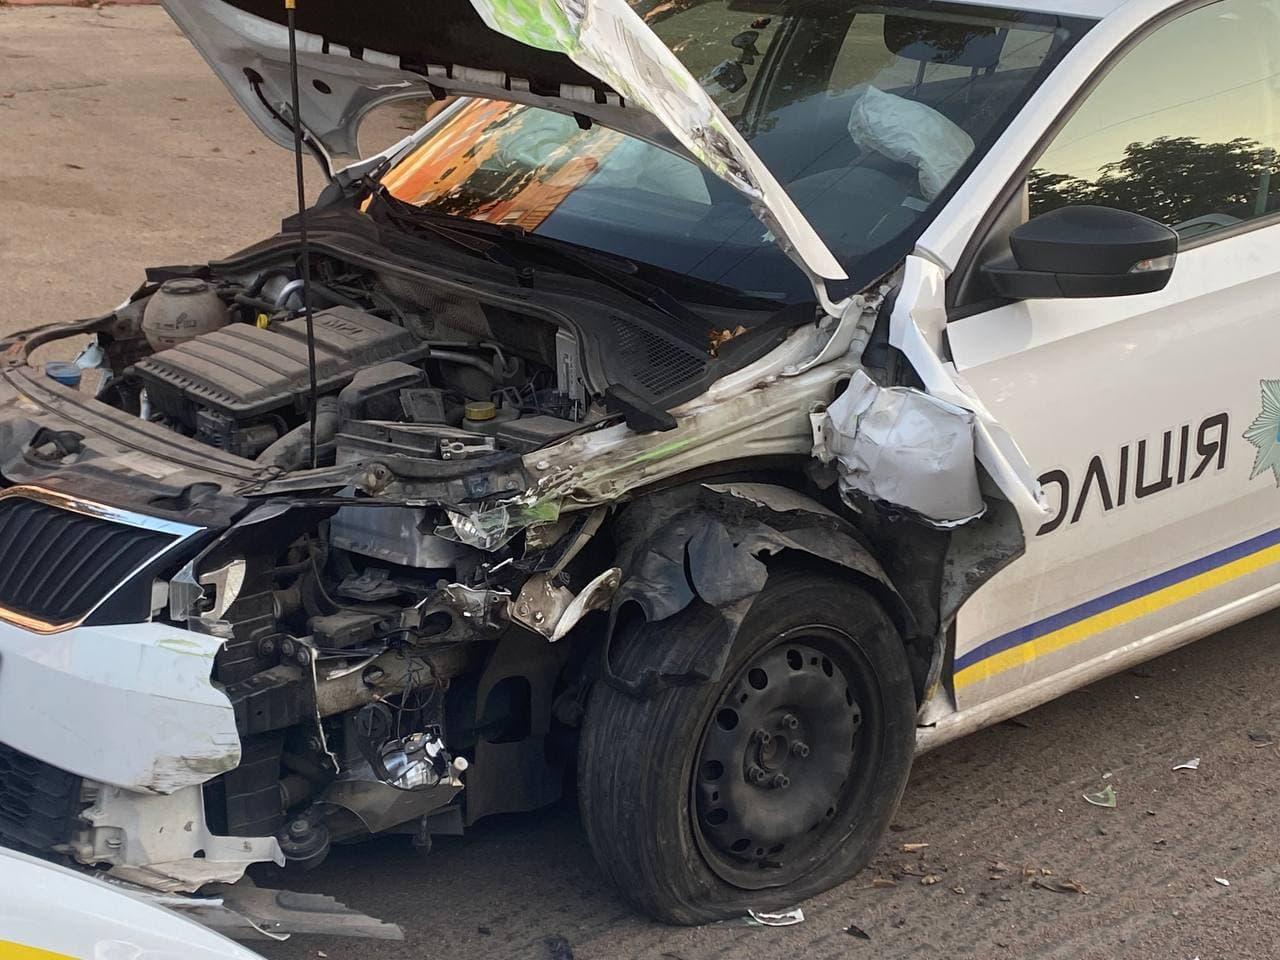 Без Купюр У Кропивницькому зіткнулися автомобілі Skoda поліції та Smart. ОНОВЛЕНО За кермом  новини Кропивницький Кіровоградщина ДТП 2021 рік